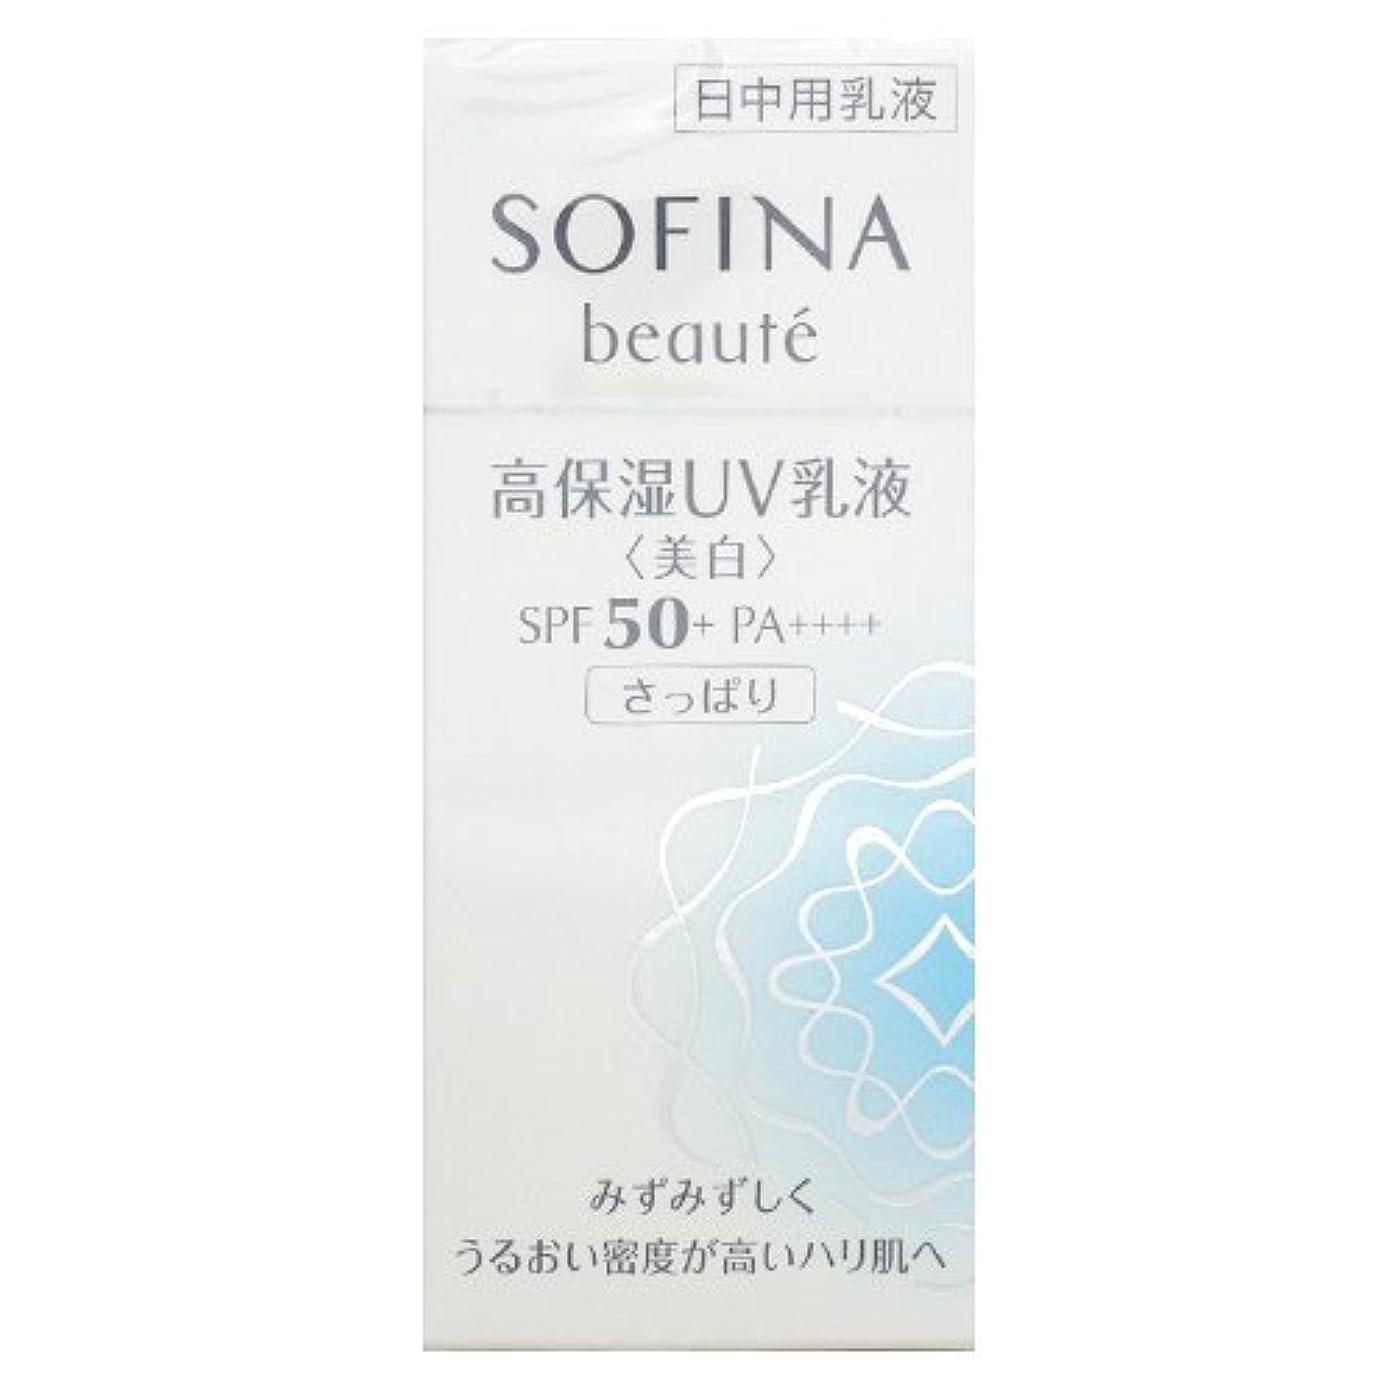 グループ外交問題フライカイト花王 ソフィーナ ボーテ SOFINA beaute 高保湿UV乳液 美白 SPF50+ PA++++ さっぱり 30mL [並行輸入品]